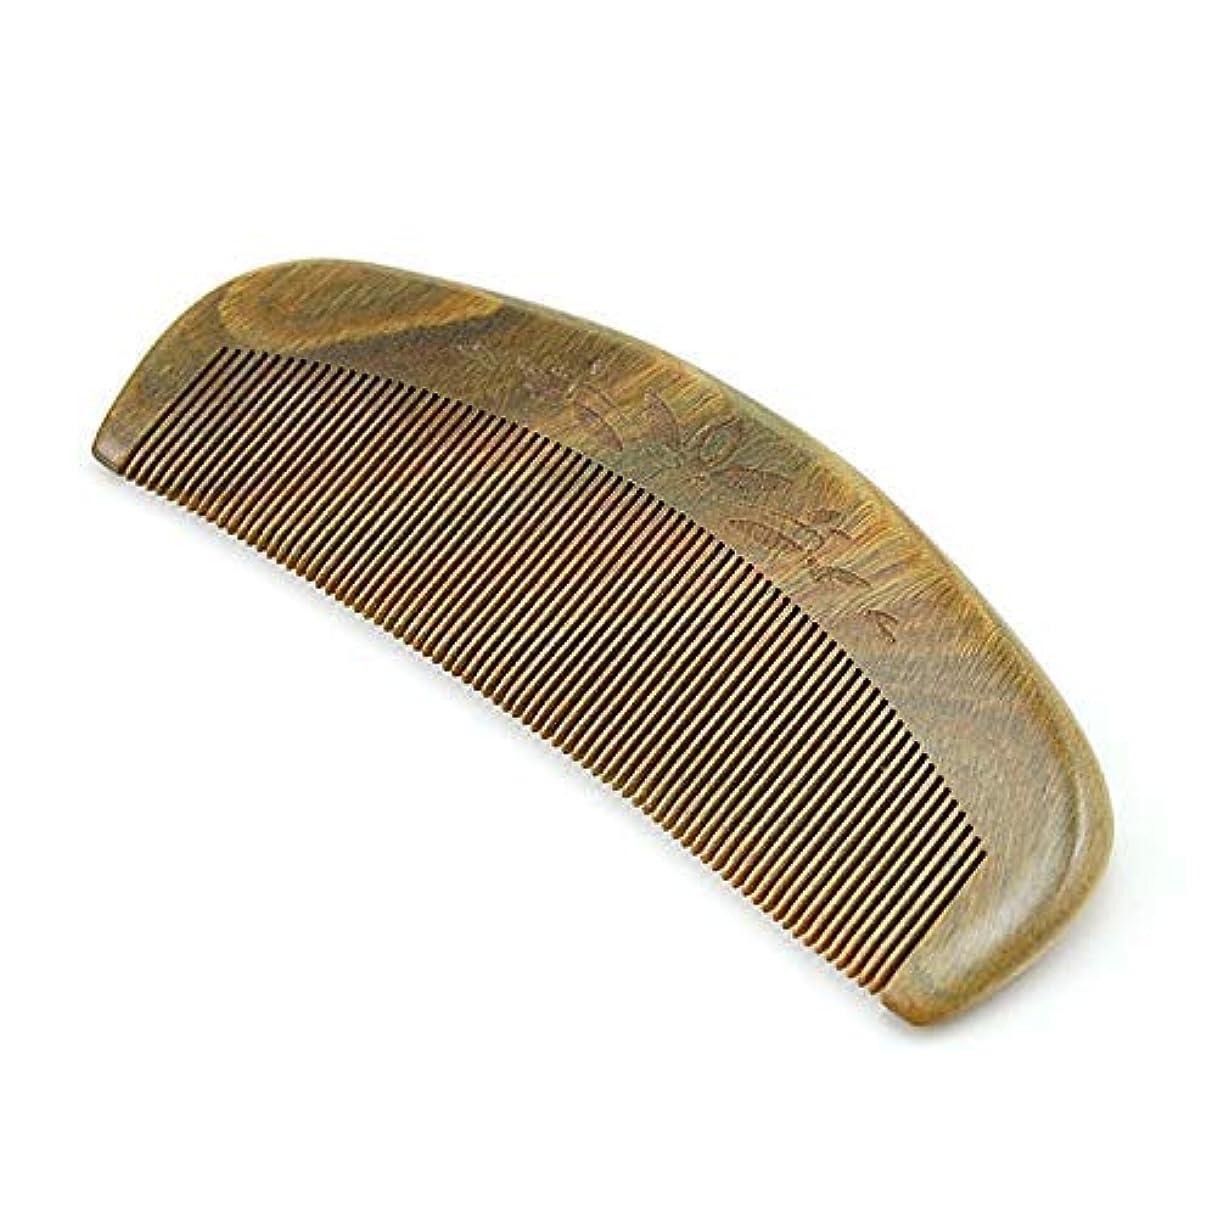 マカダム名誉ある多用途Brand New and Natural Green Sandalwood Fine Tooth Comb, Anti Static Pocket Wooden Comb [並行輸入品]